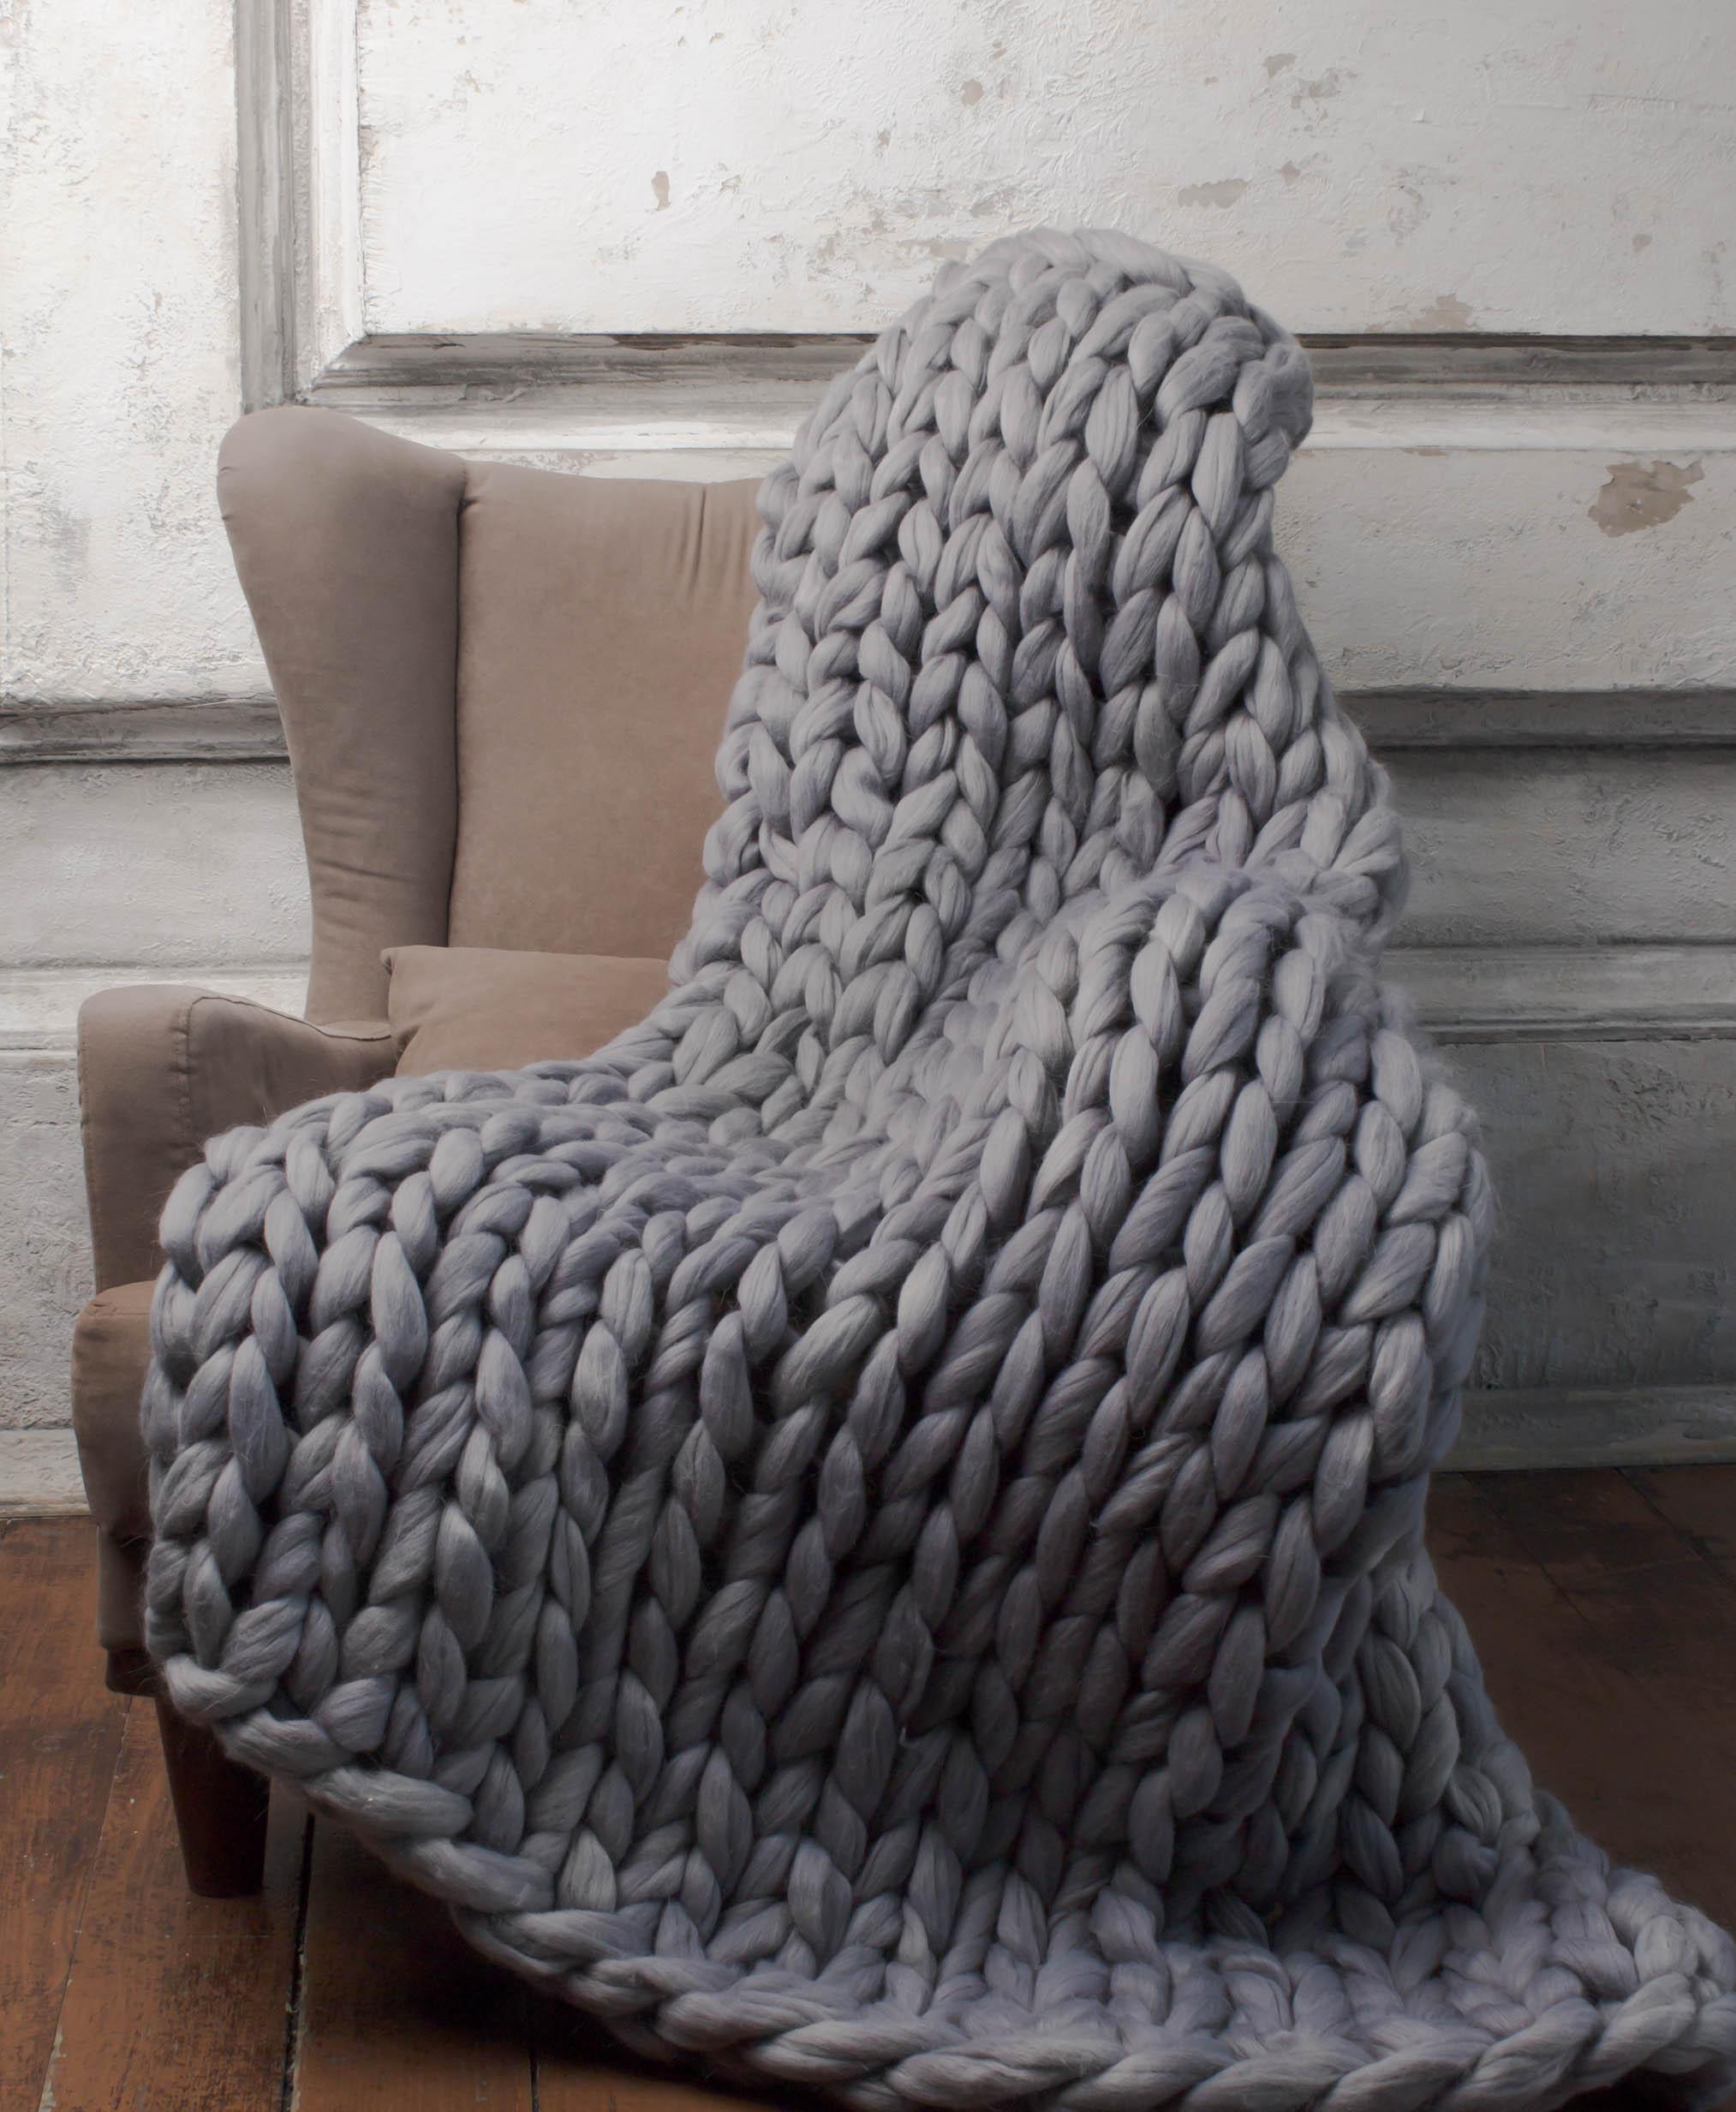 толстый плед крупной вязки как связать детское одеяло своими руками